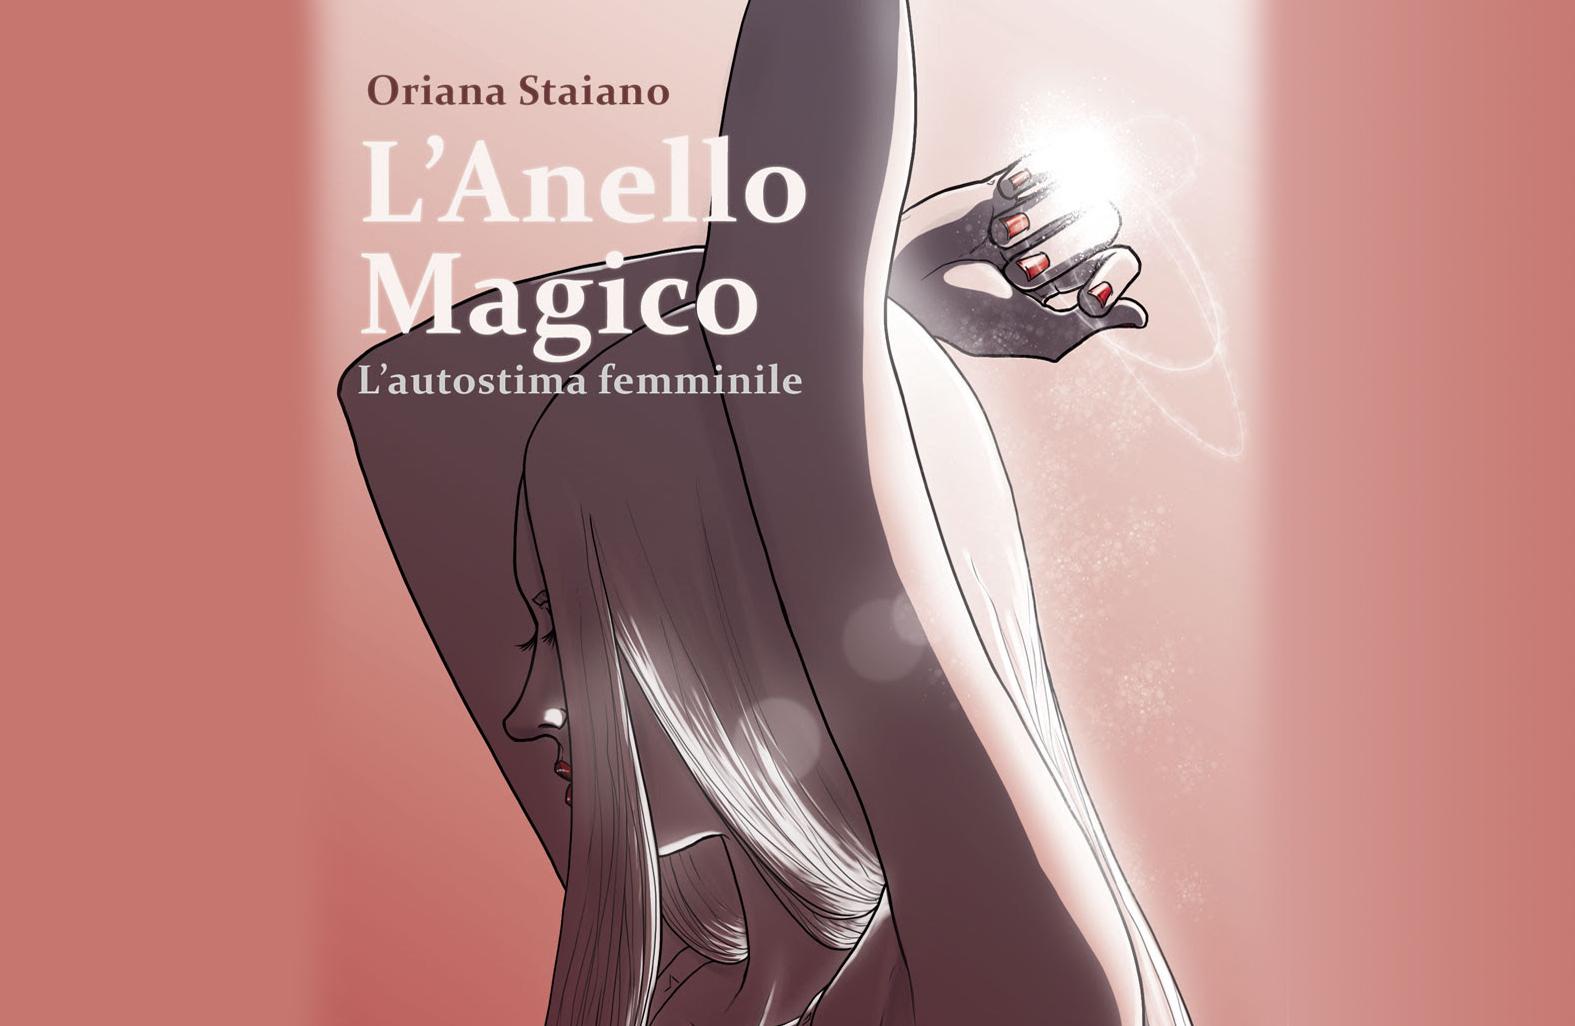 Staiano - Anello Magico copertina